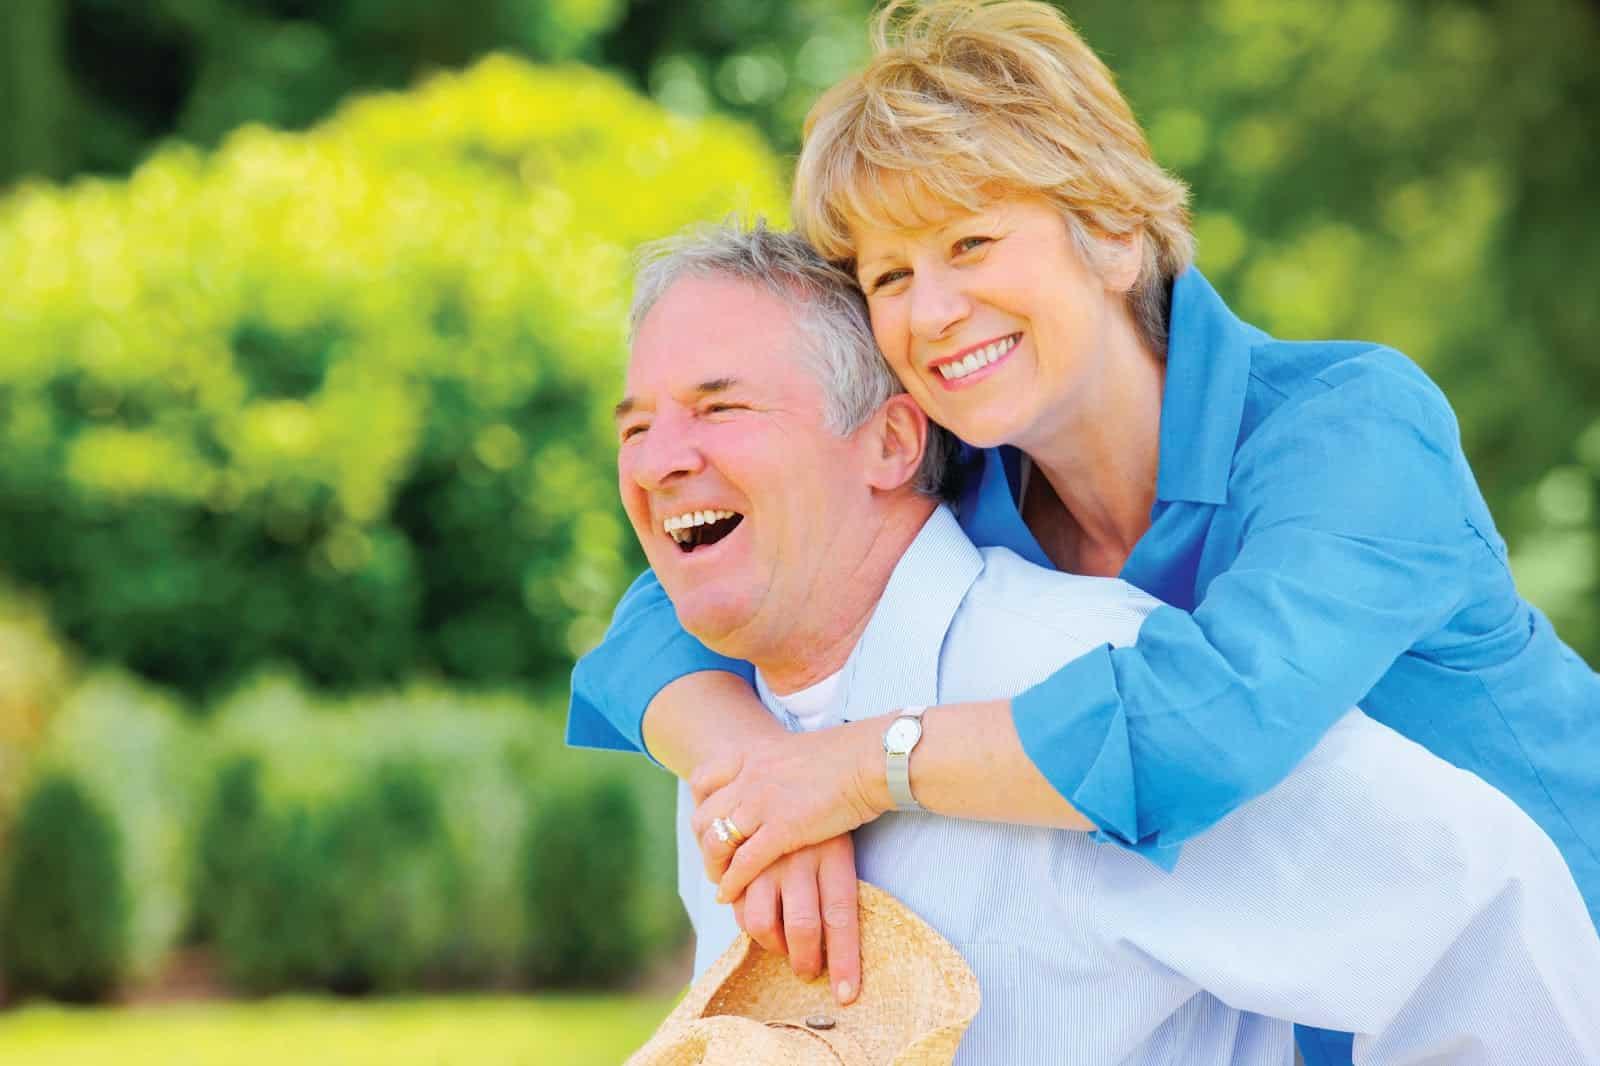 Hướng Dẫn Cách Chăm Sóc Người Cao Tuổi